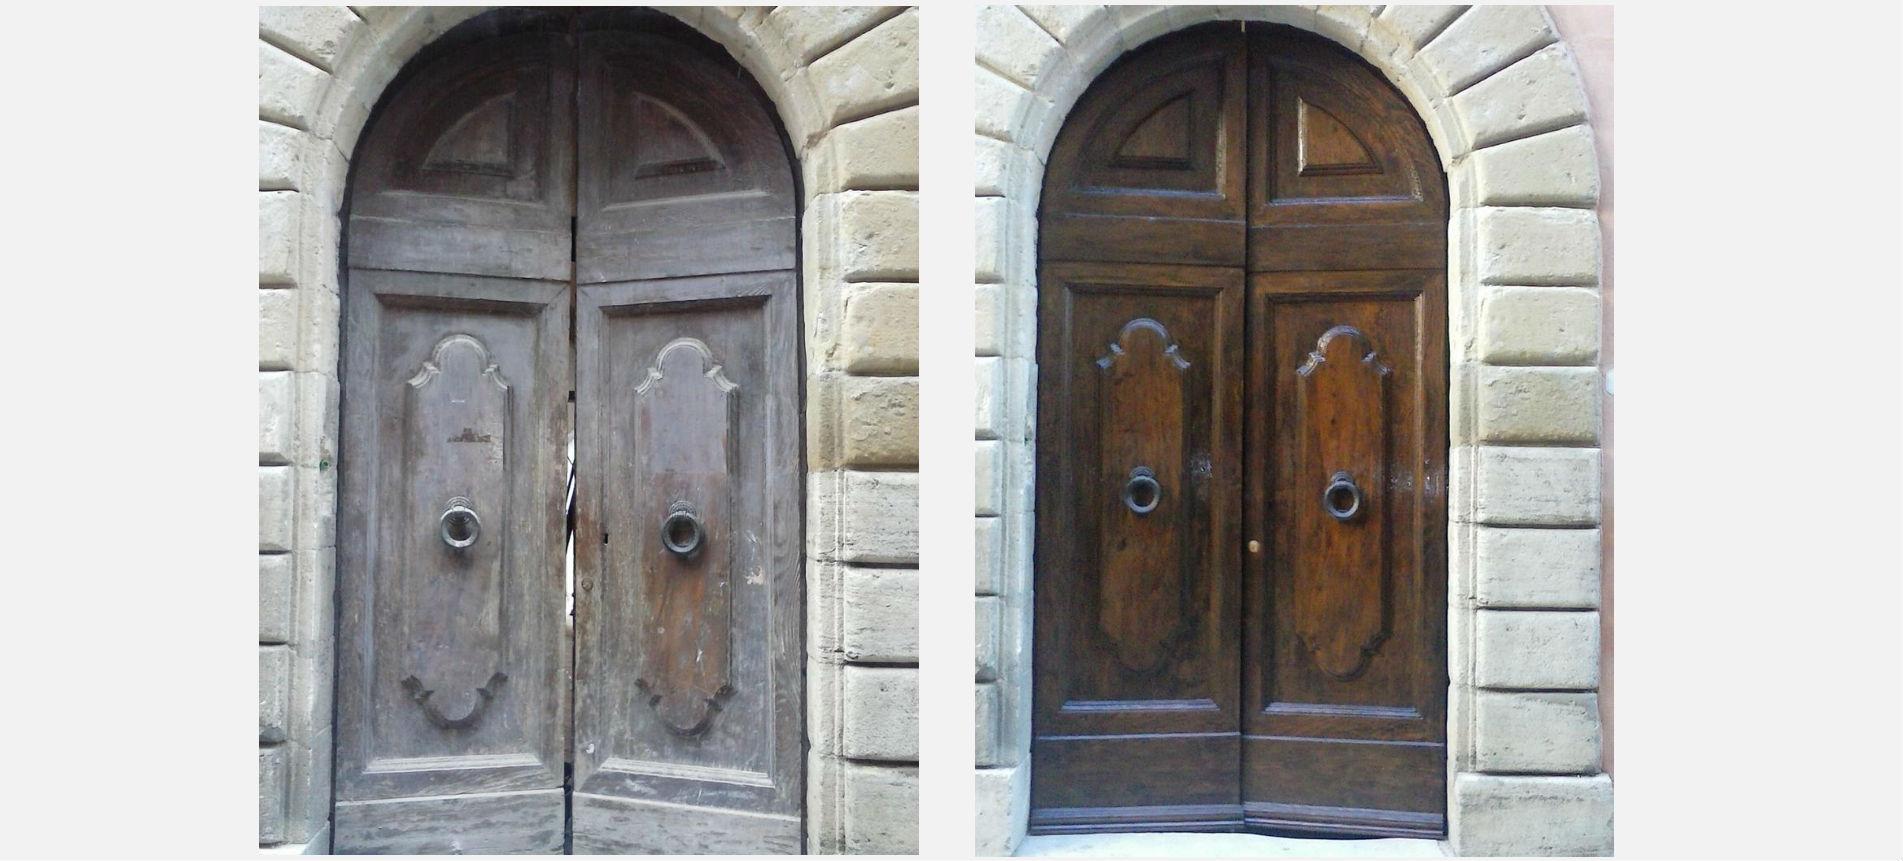 Come Restaurare Una Porta Di Legno.Restauro Infissi Siena Porte Finestre E Mobili Antichi